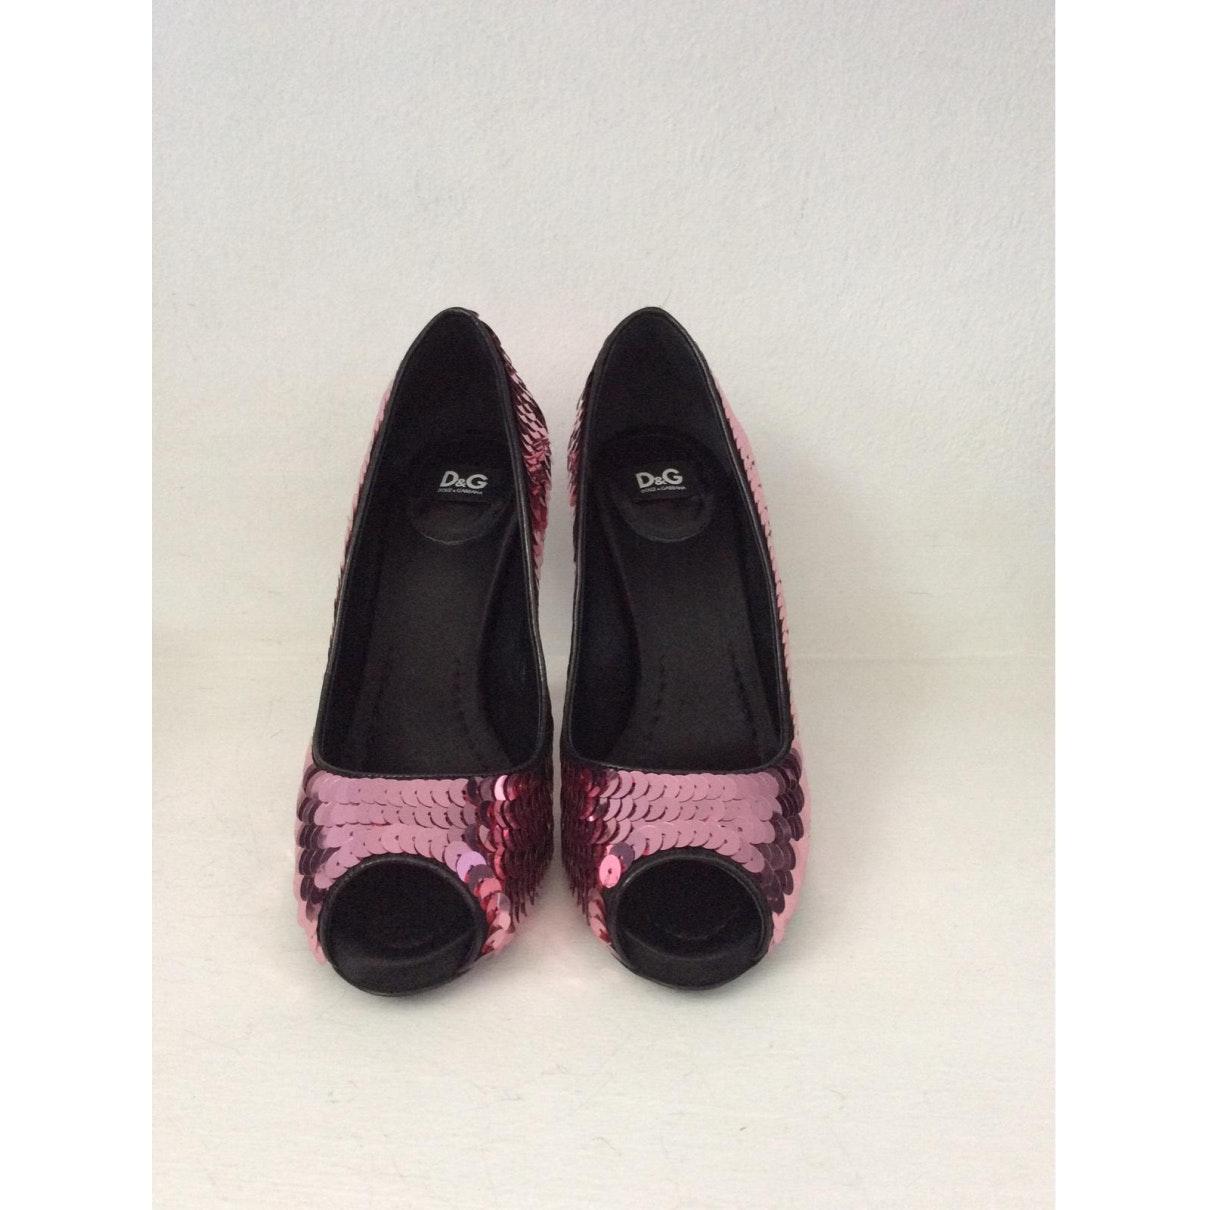 Tacones en cuero rosa N Dolce & Gabbana de Cuero de color Rosa